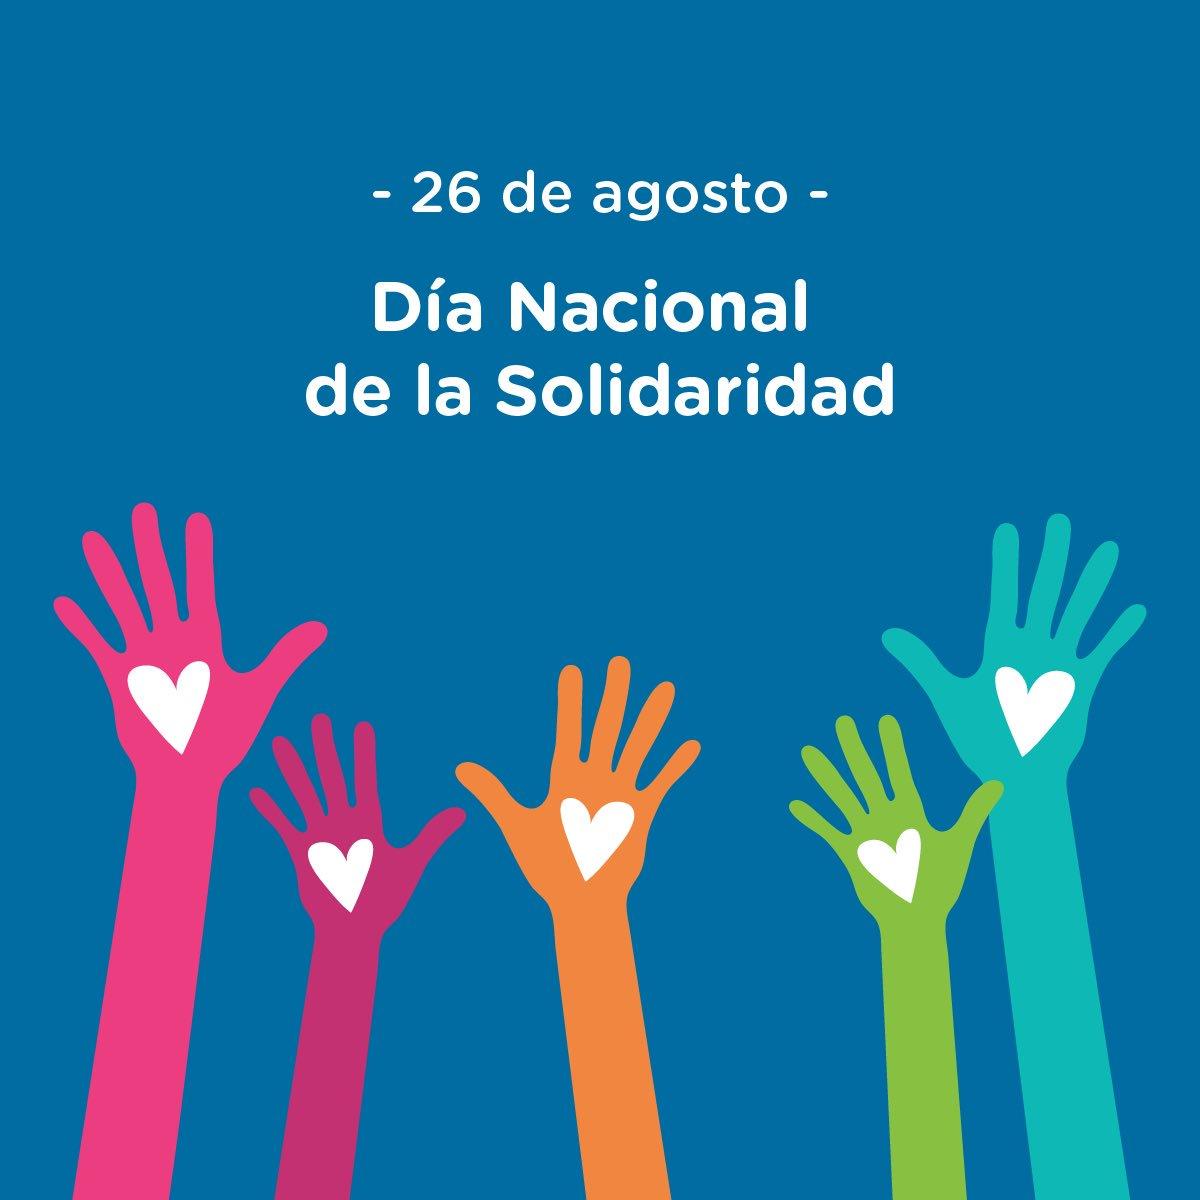 26 de agosto, día de la solidaridad